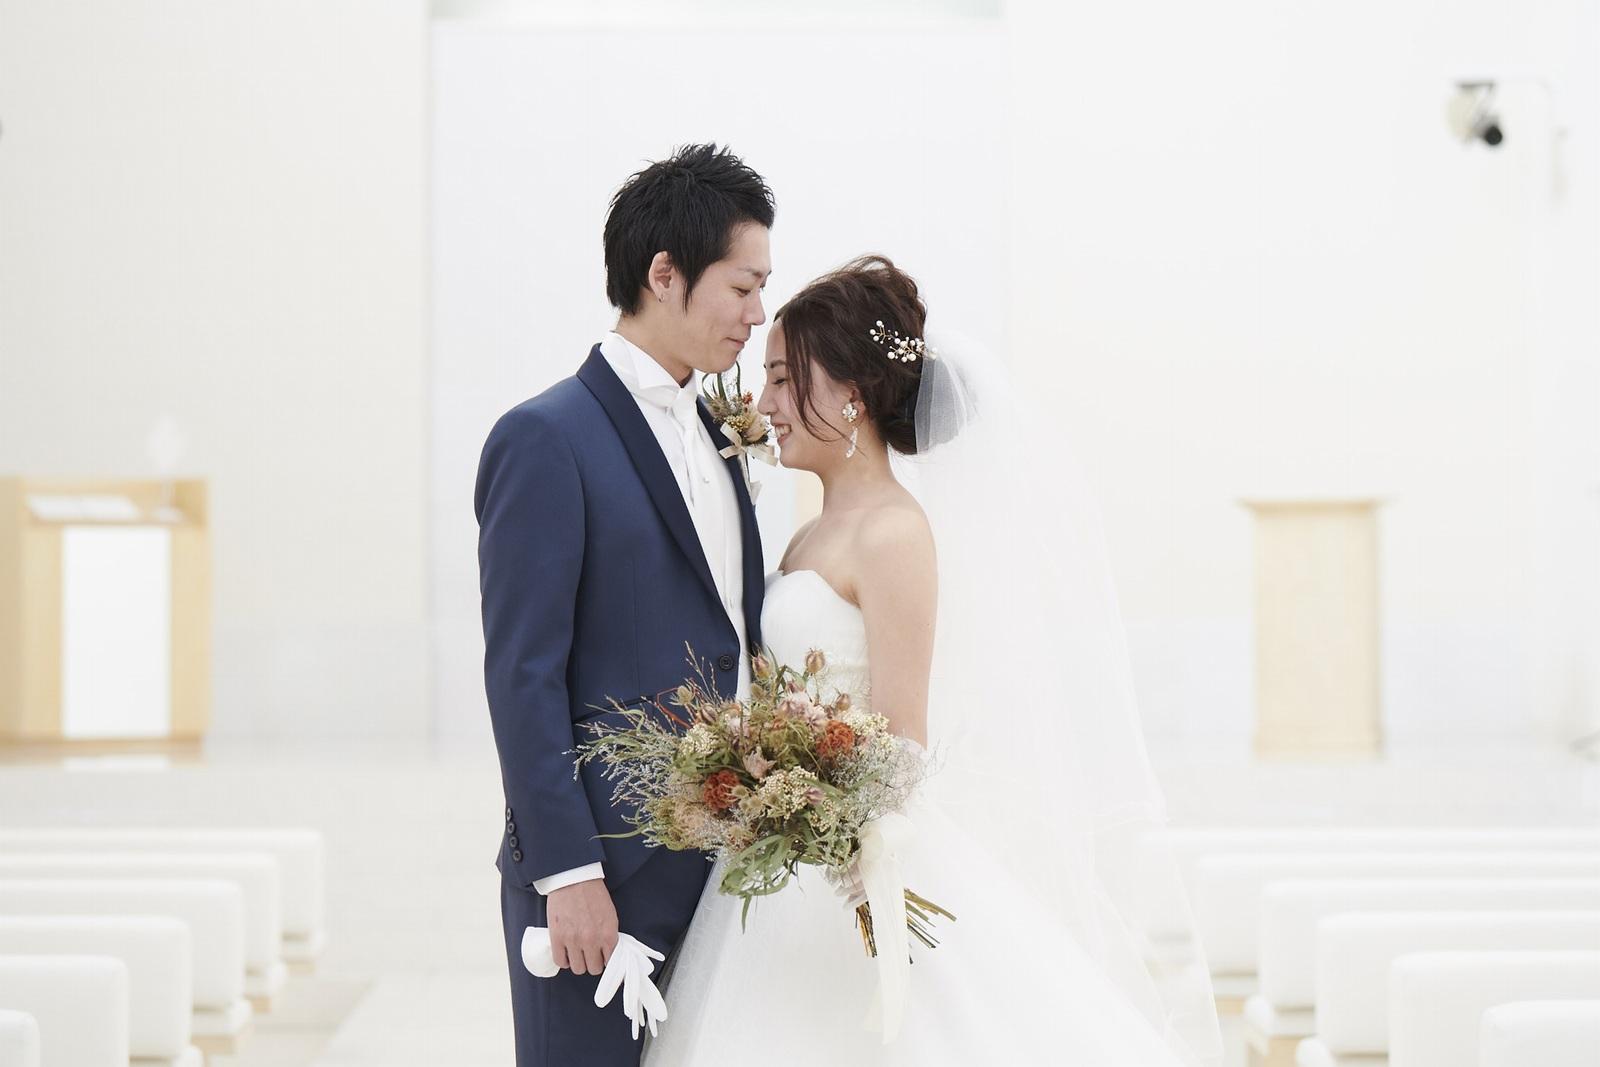 徳島県の結婚式場ブランアンジュのチャペルでの新郎新婦ショット